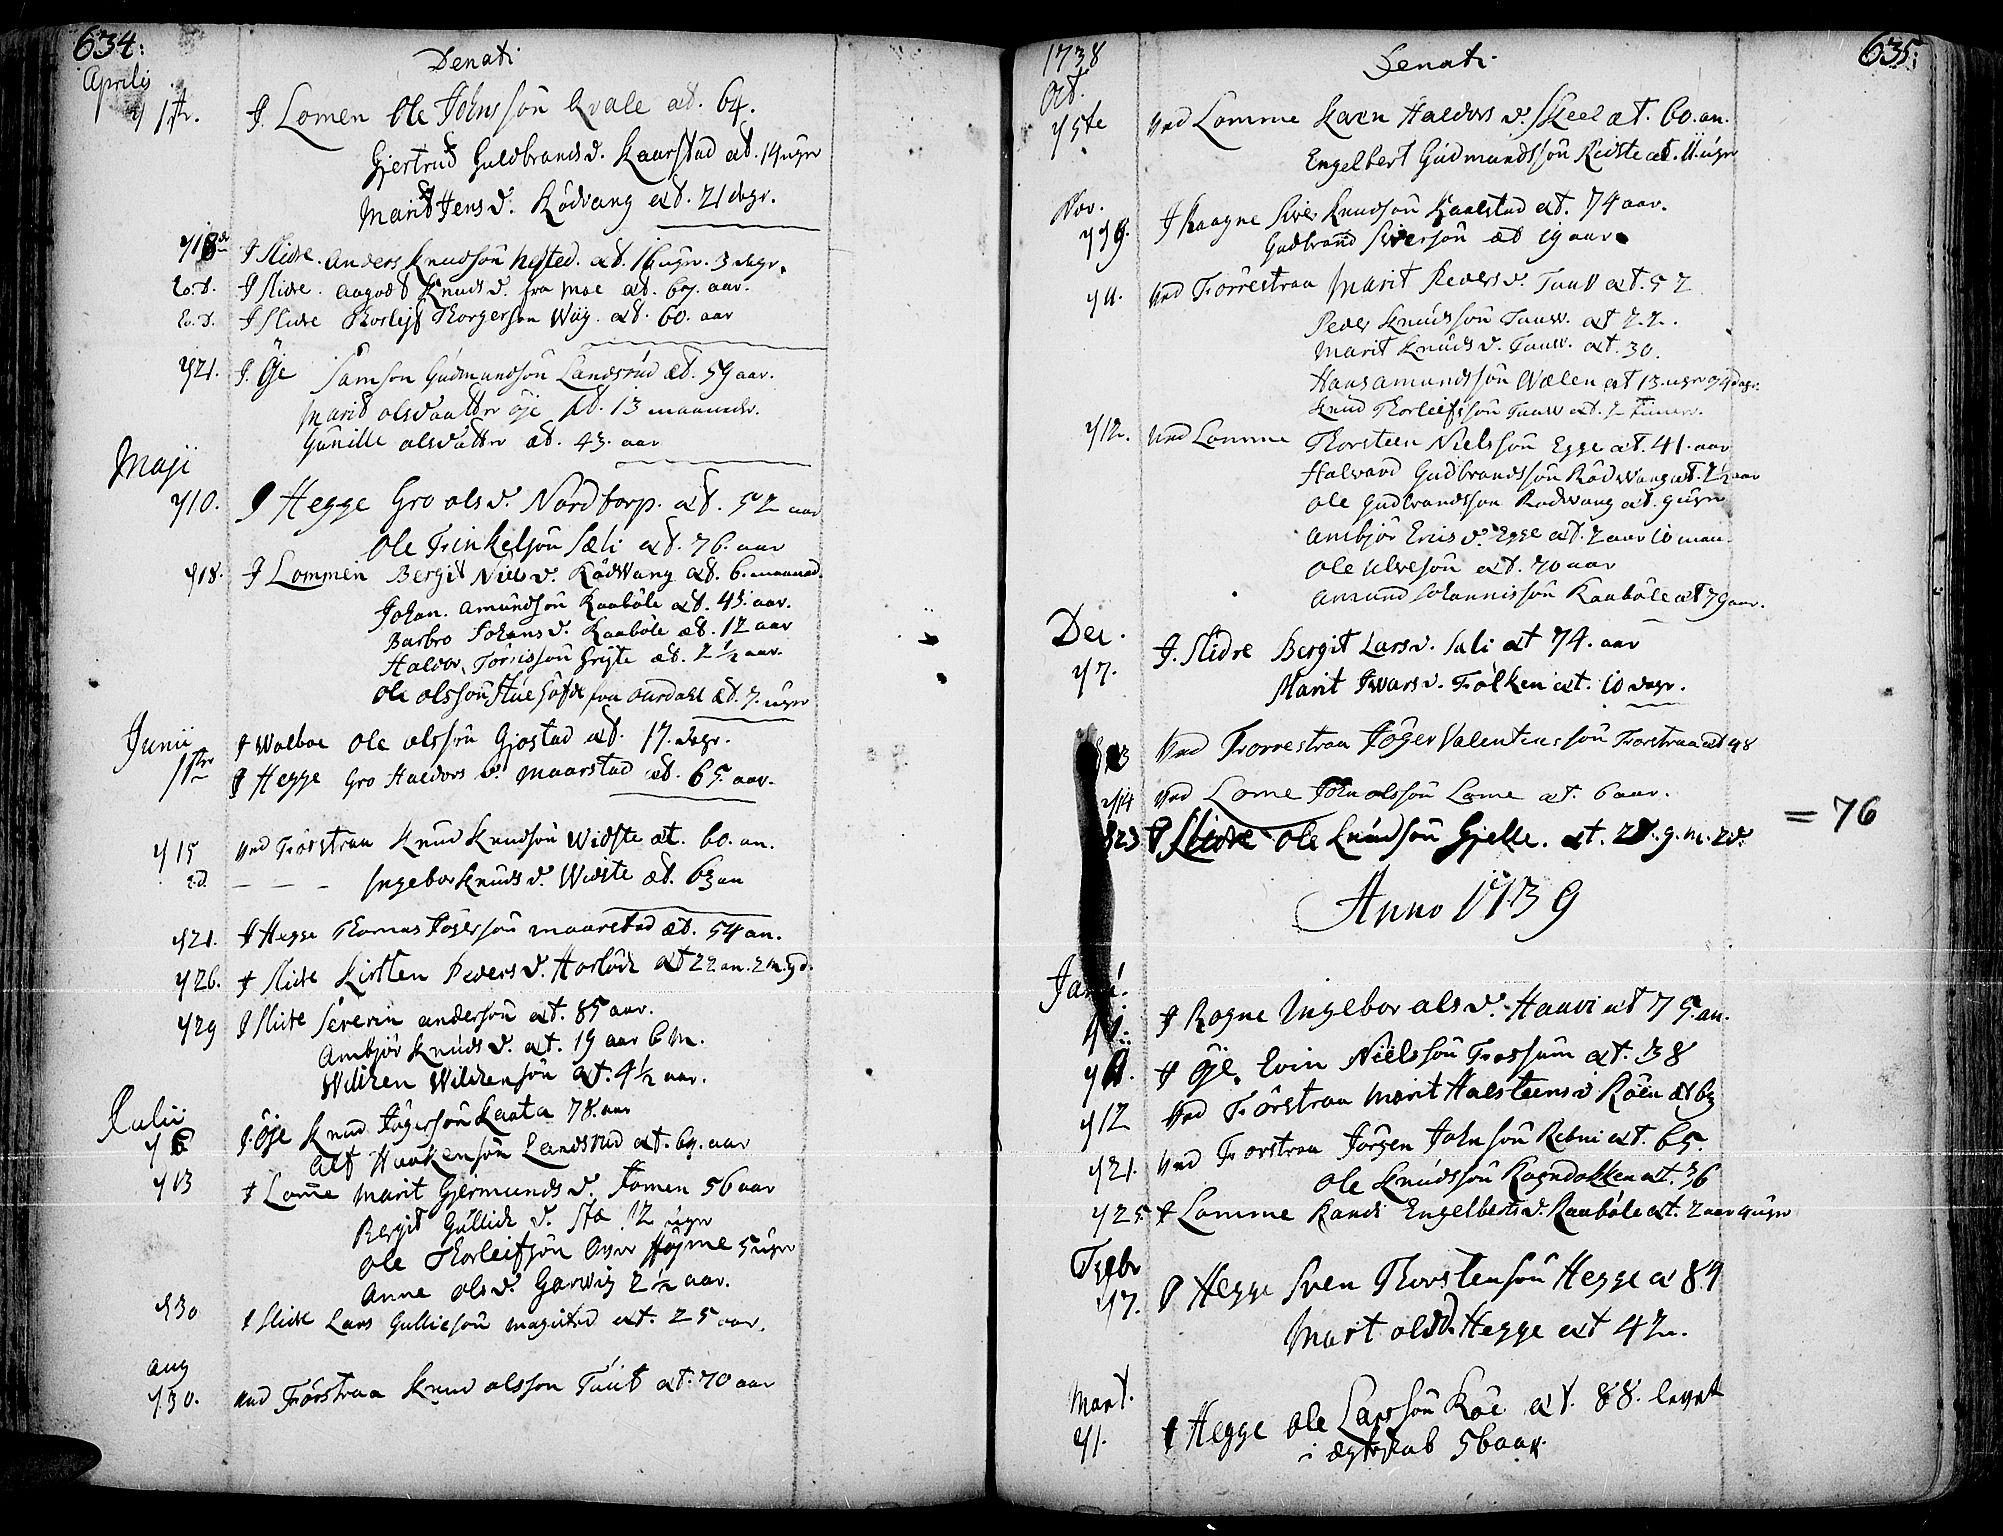 SAH, Slidre prestekontor, Ministerialbok nr. 1, 1724-1814, s. 634-635